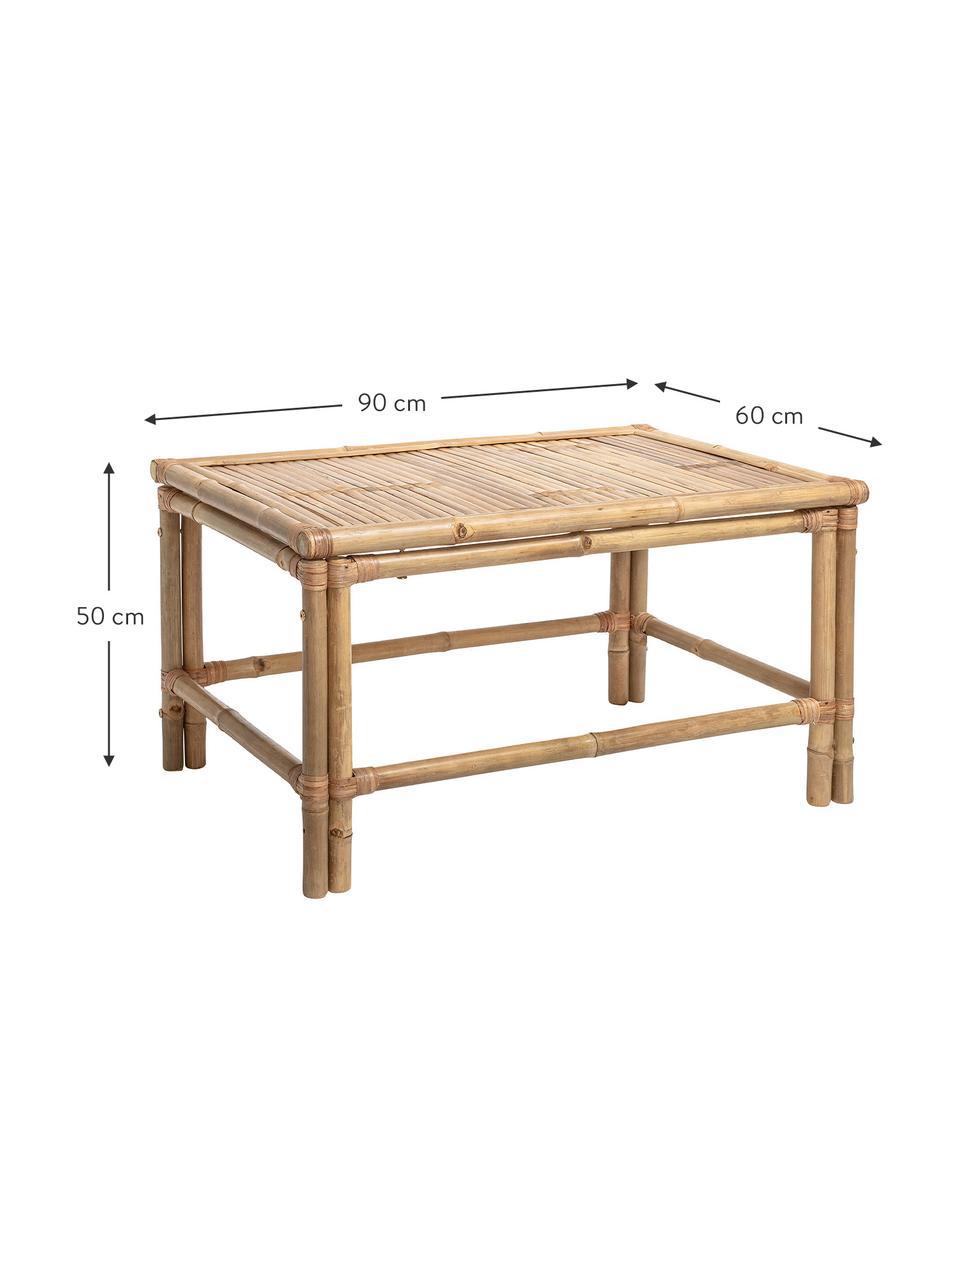 Stolik kawowy z bambusa Sole, Drewno bambusowe, Beżowy, S 90 x W 50 cm